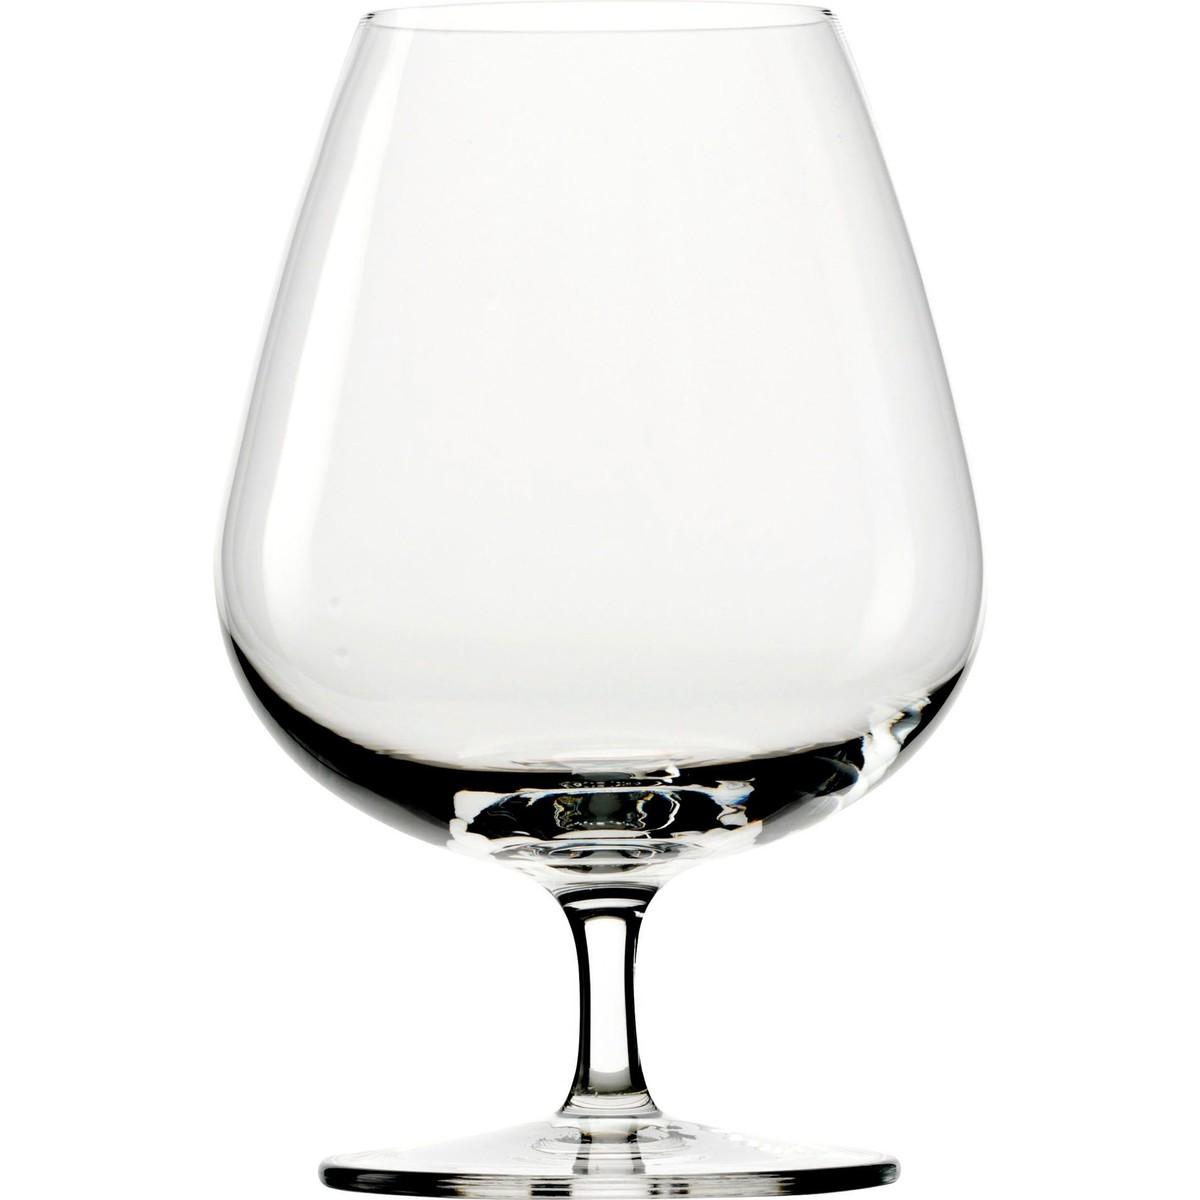 Cognacschwenker 61 cl